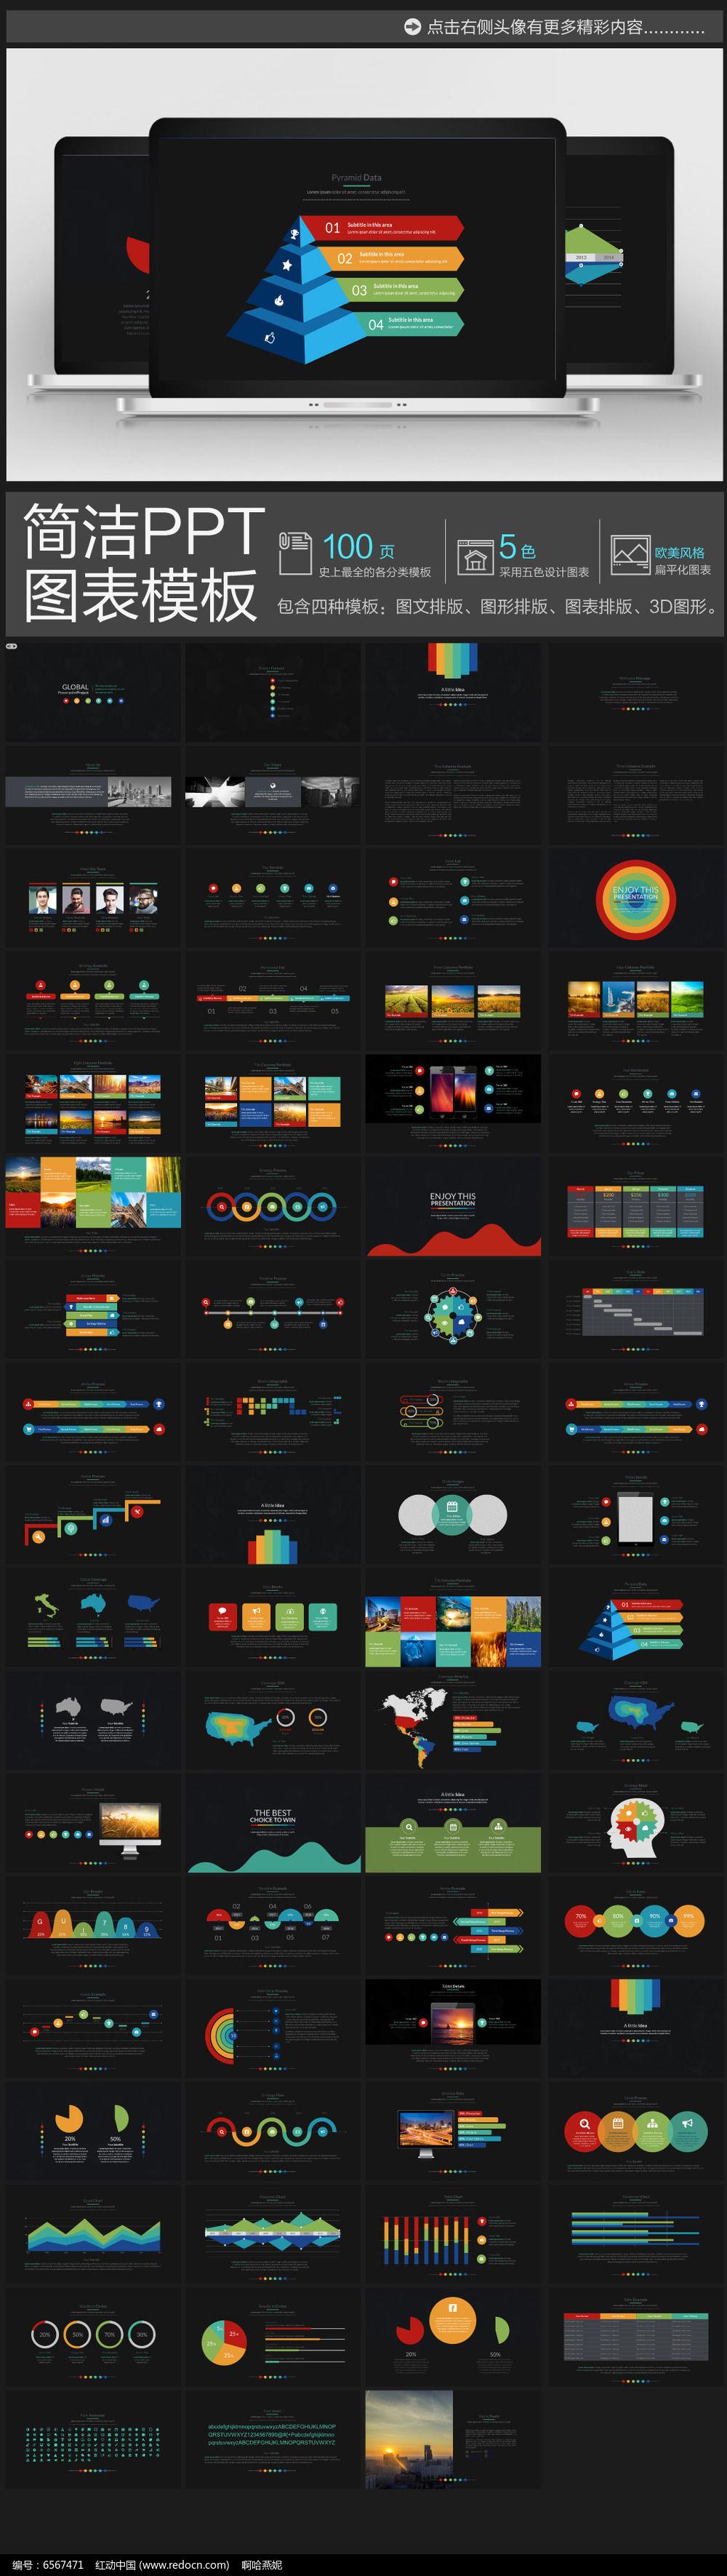 简洁多彩精美商务专用ppt图表合集打包图片